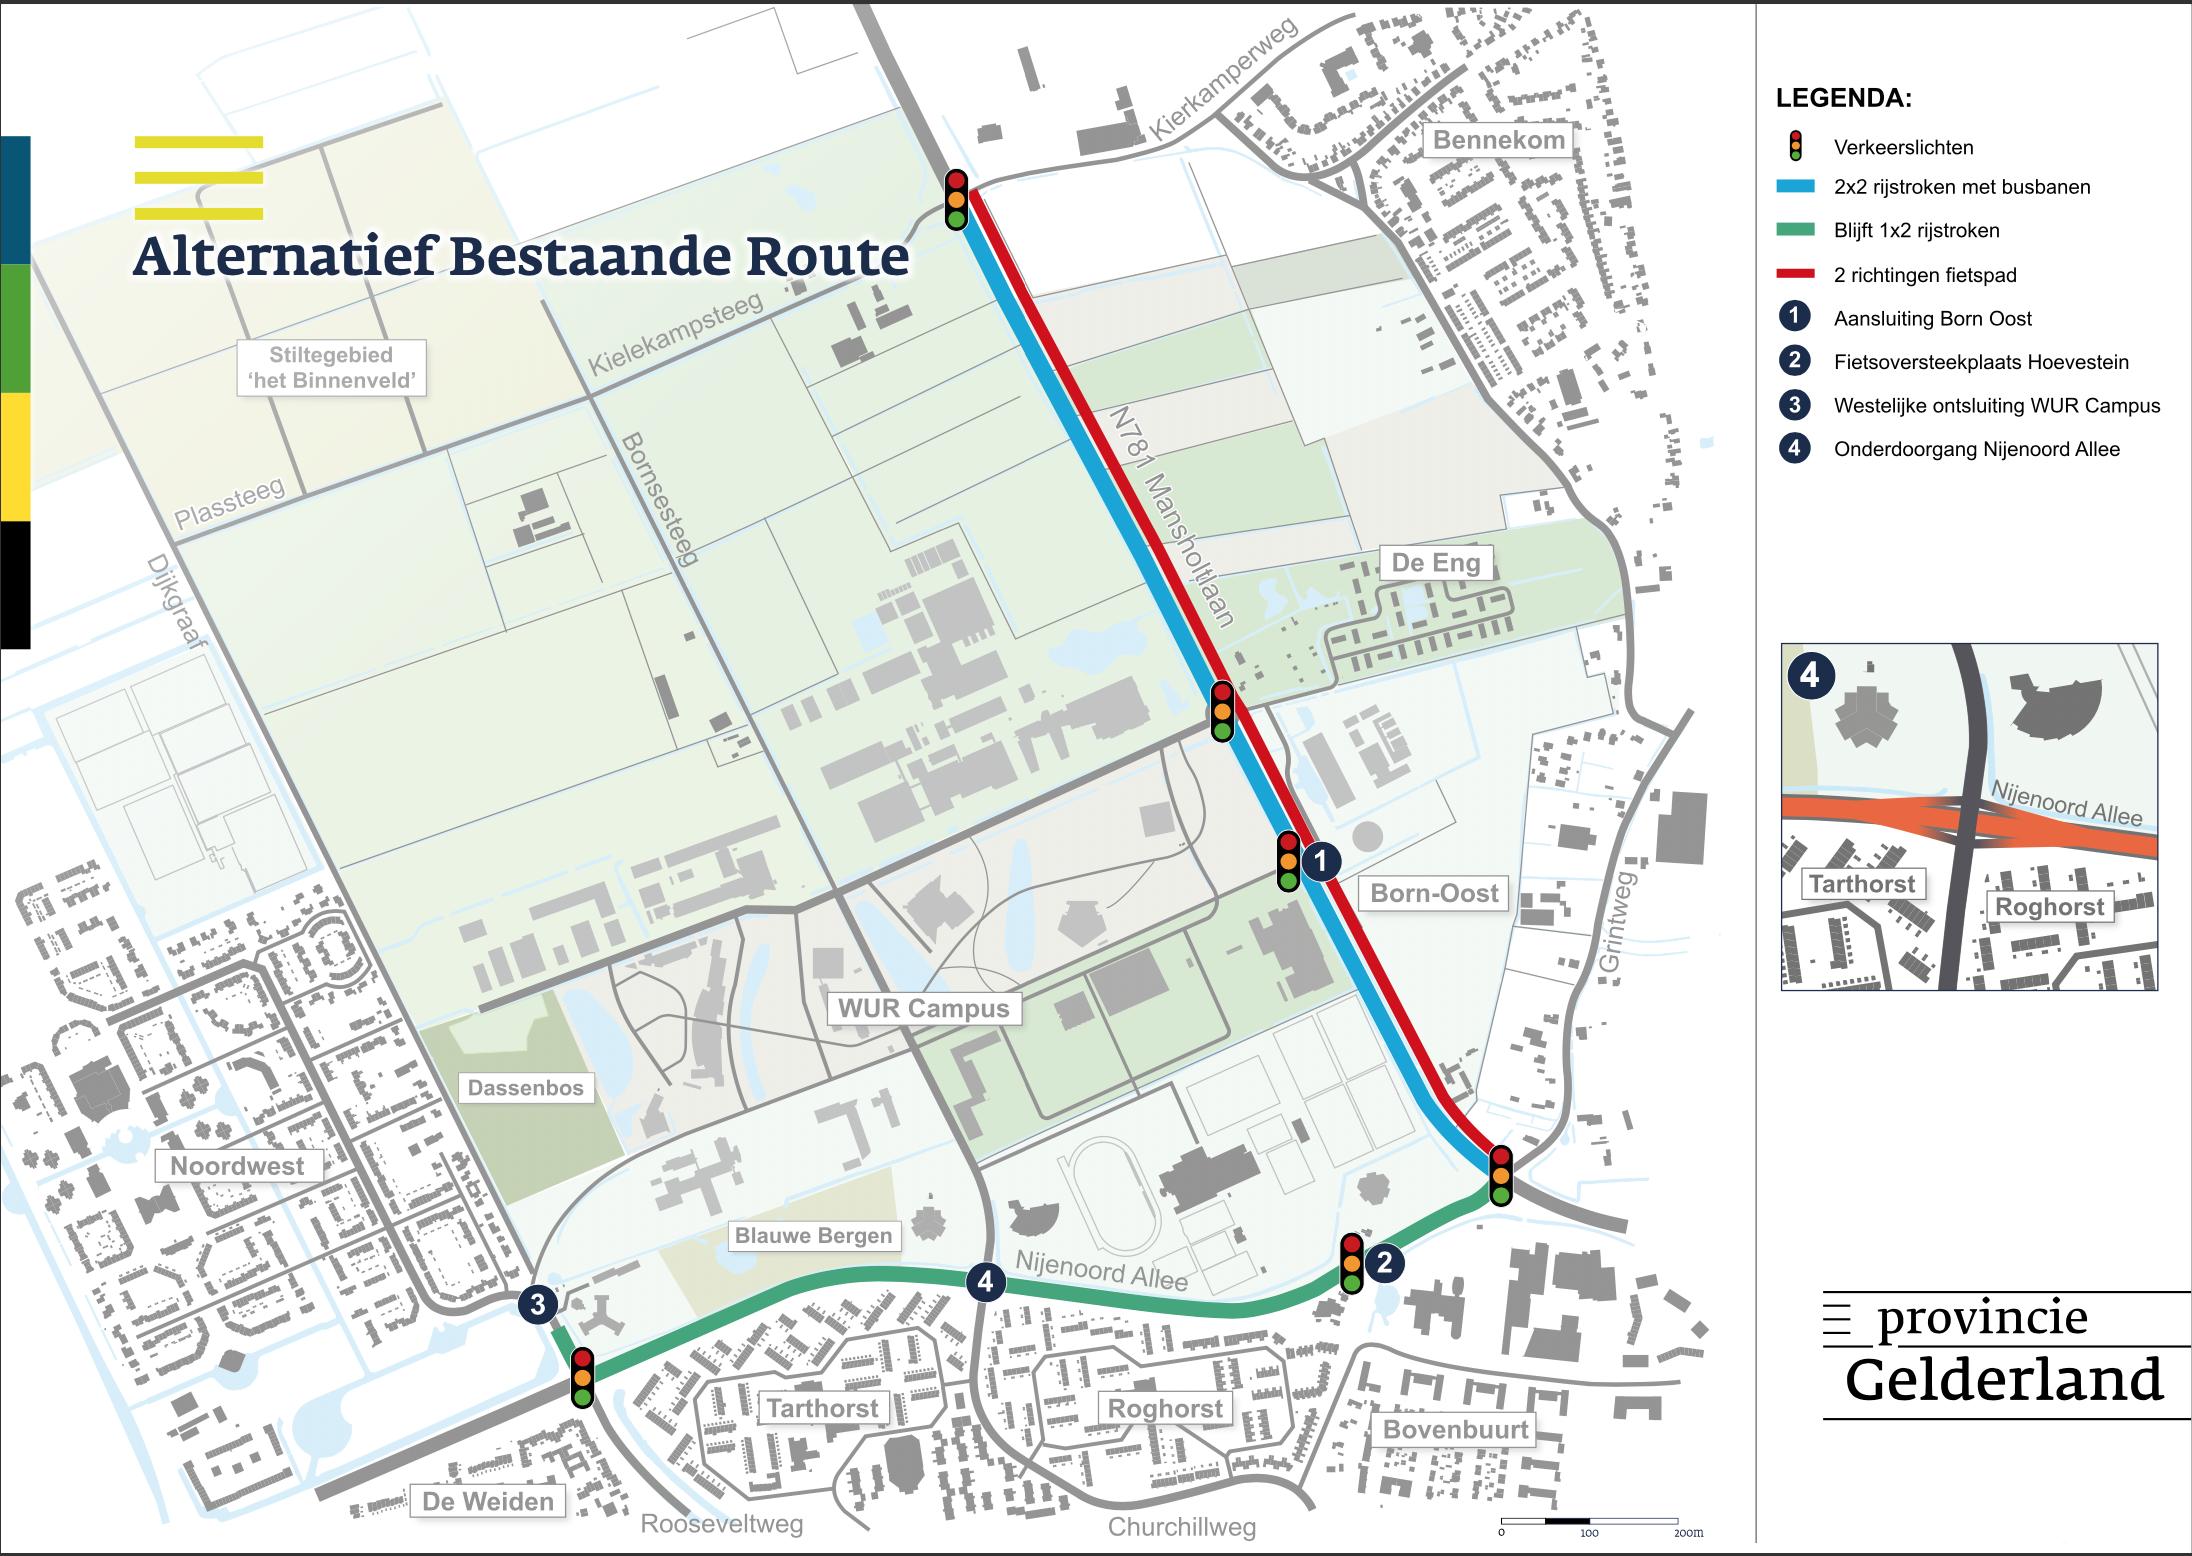 VVD blij met de keuze voor deze Alternatief Bestaande Route Wageningen